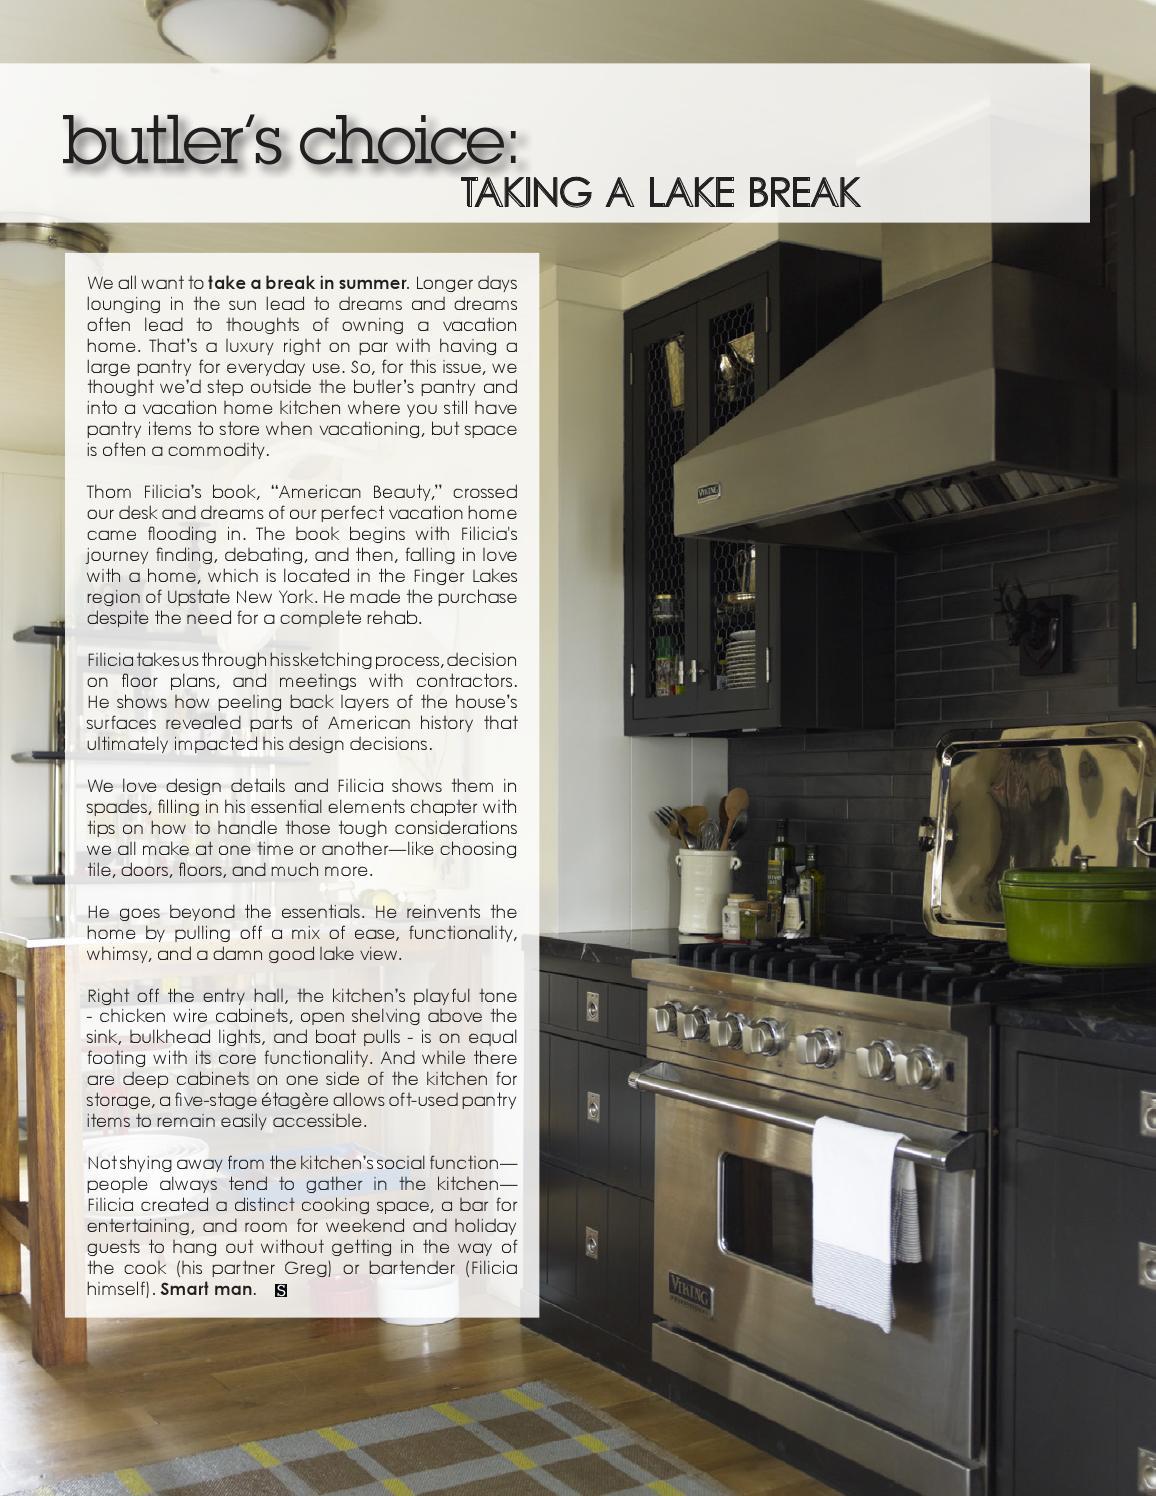 spenser magazine: issue seven - summer 2013 by spenser mag